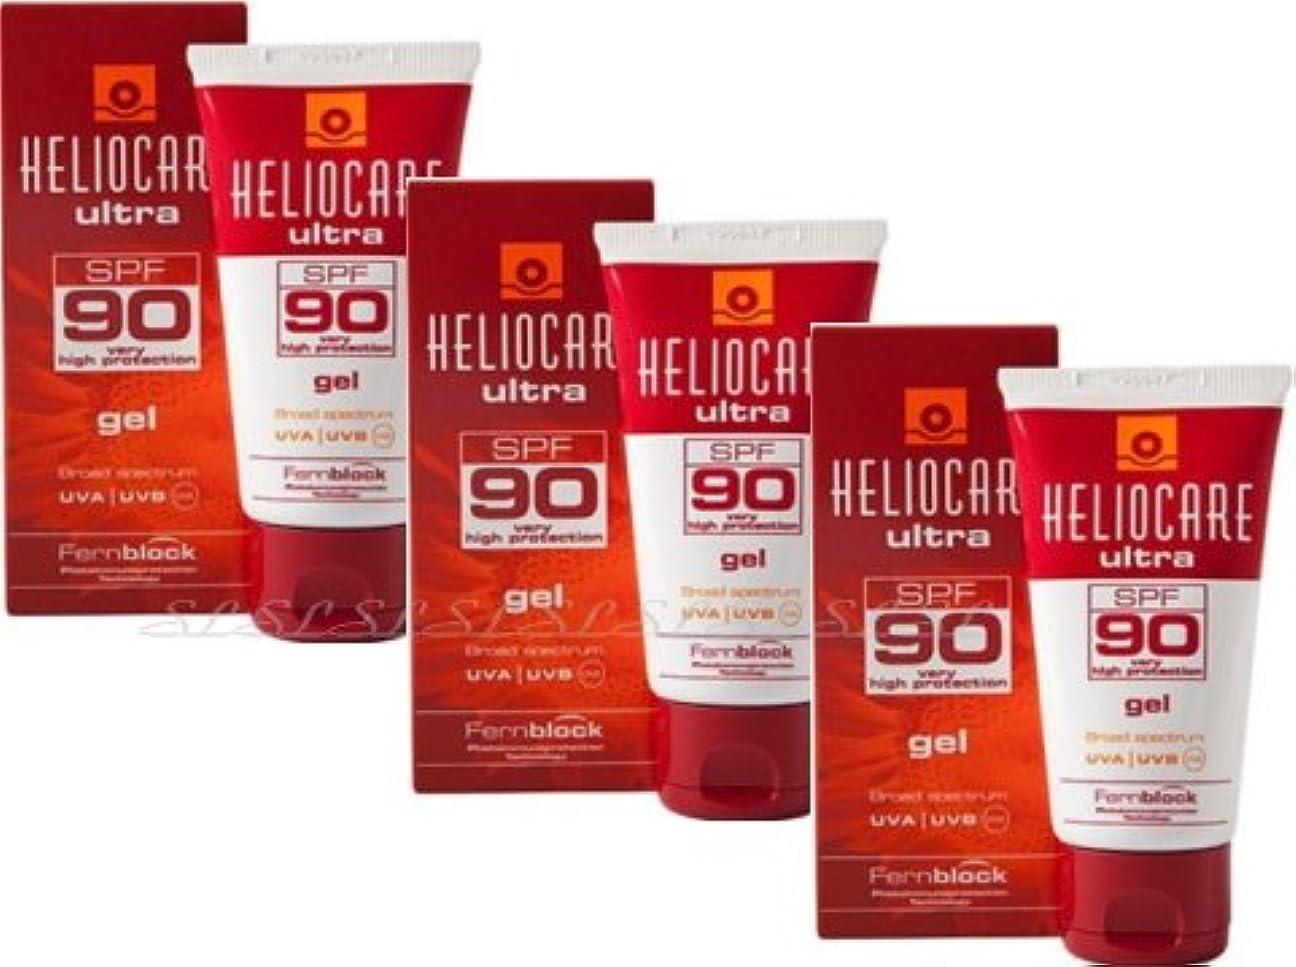 反対した中止しますボンド【3個セット】ヘリオケア サンスクリーン SPF50+ (SPF90相当) ジェルタイプ Heliocare [並行輸入品][海外直送品]